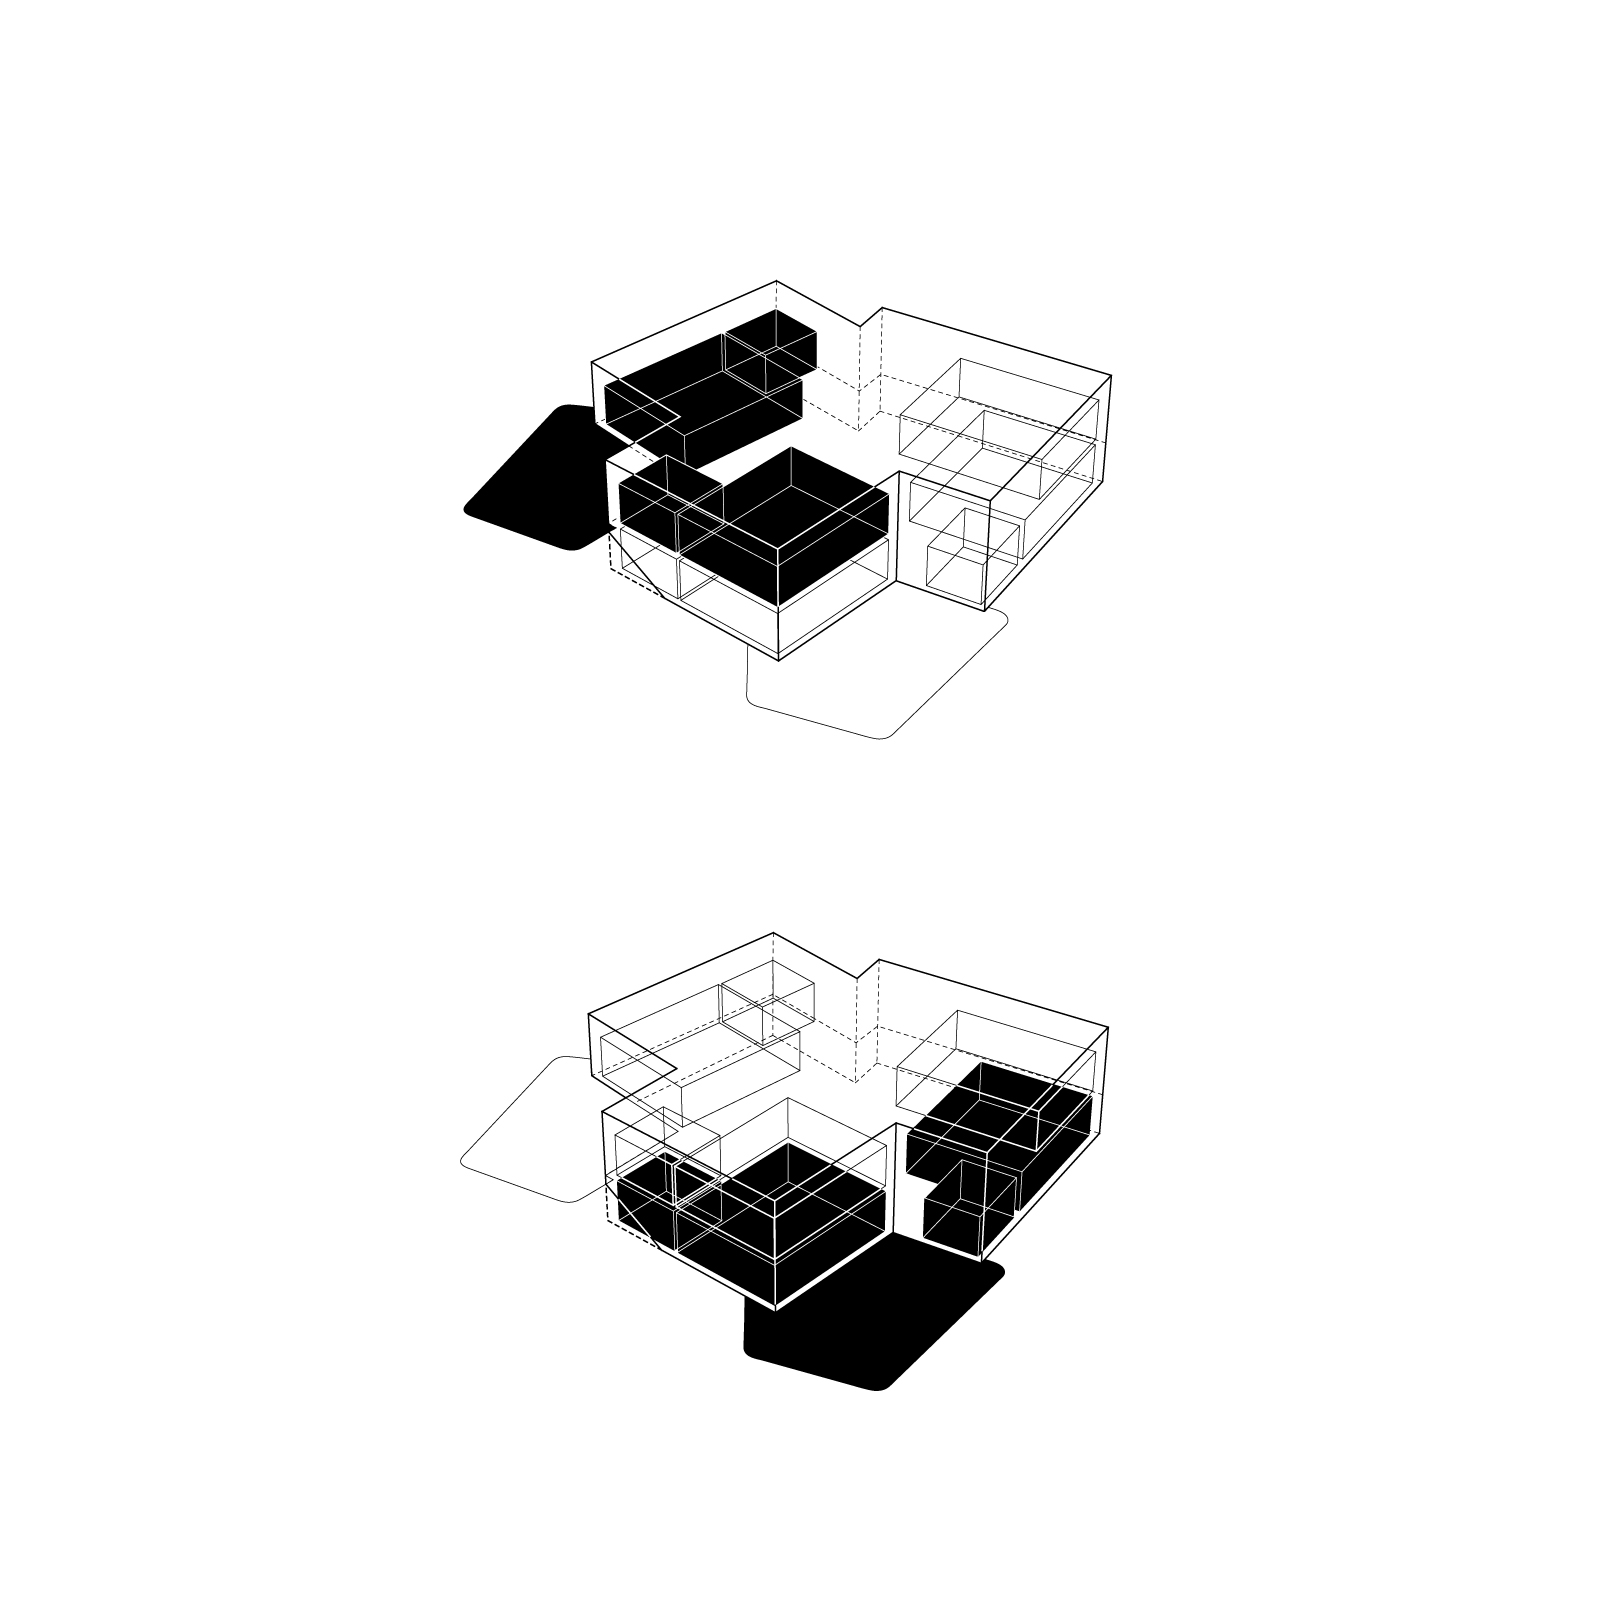 Unit configuration